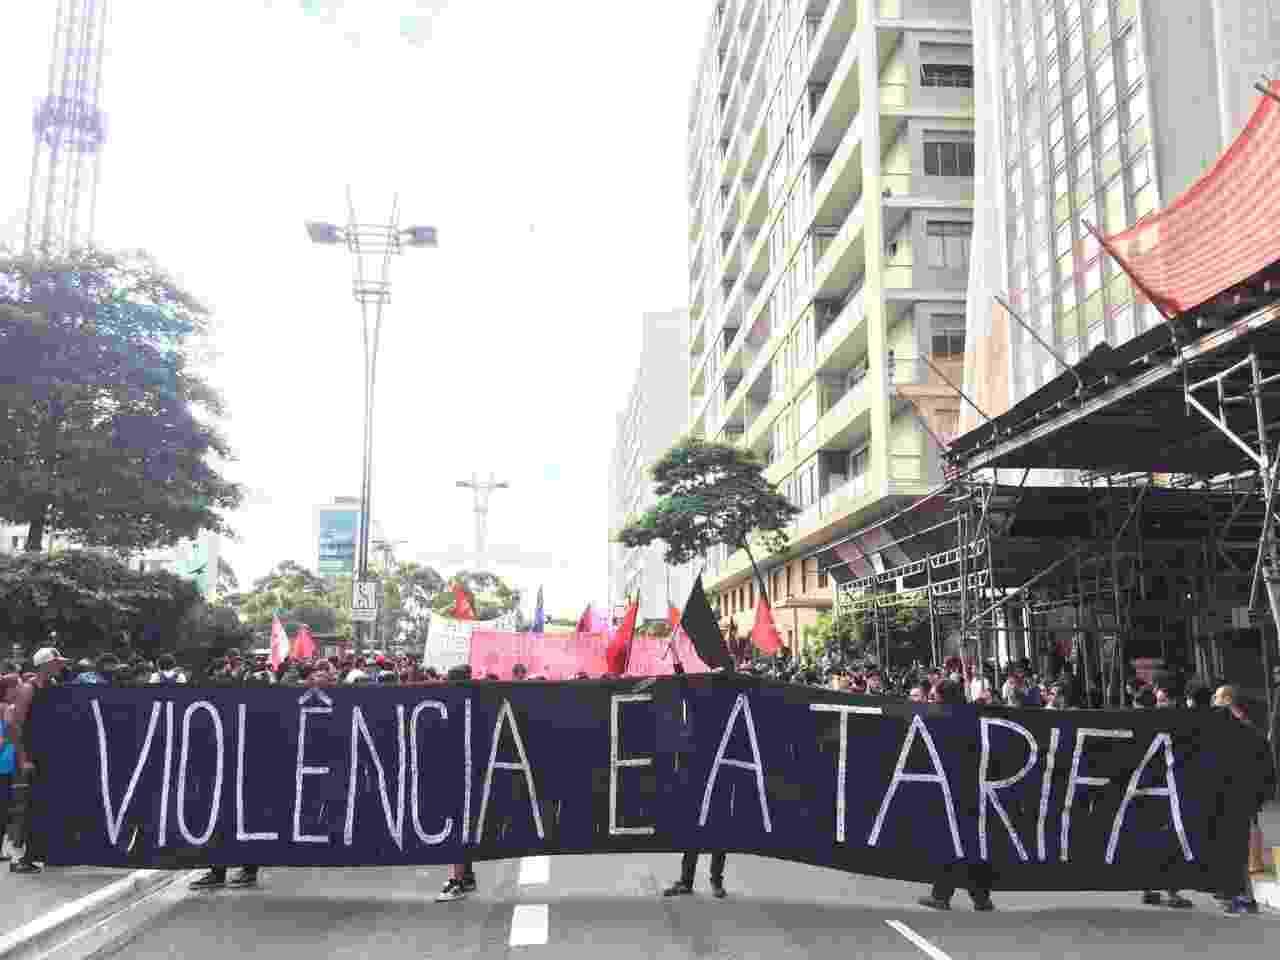 Manifestantes se reuniram nesta quinta-feira (12) na avenida Paulista, em São Paulo, para protestar contra um eventual aumento das tarifas de transporte na cidade e no estado - Janaina Garcia/UOL